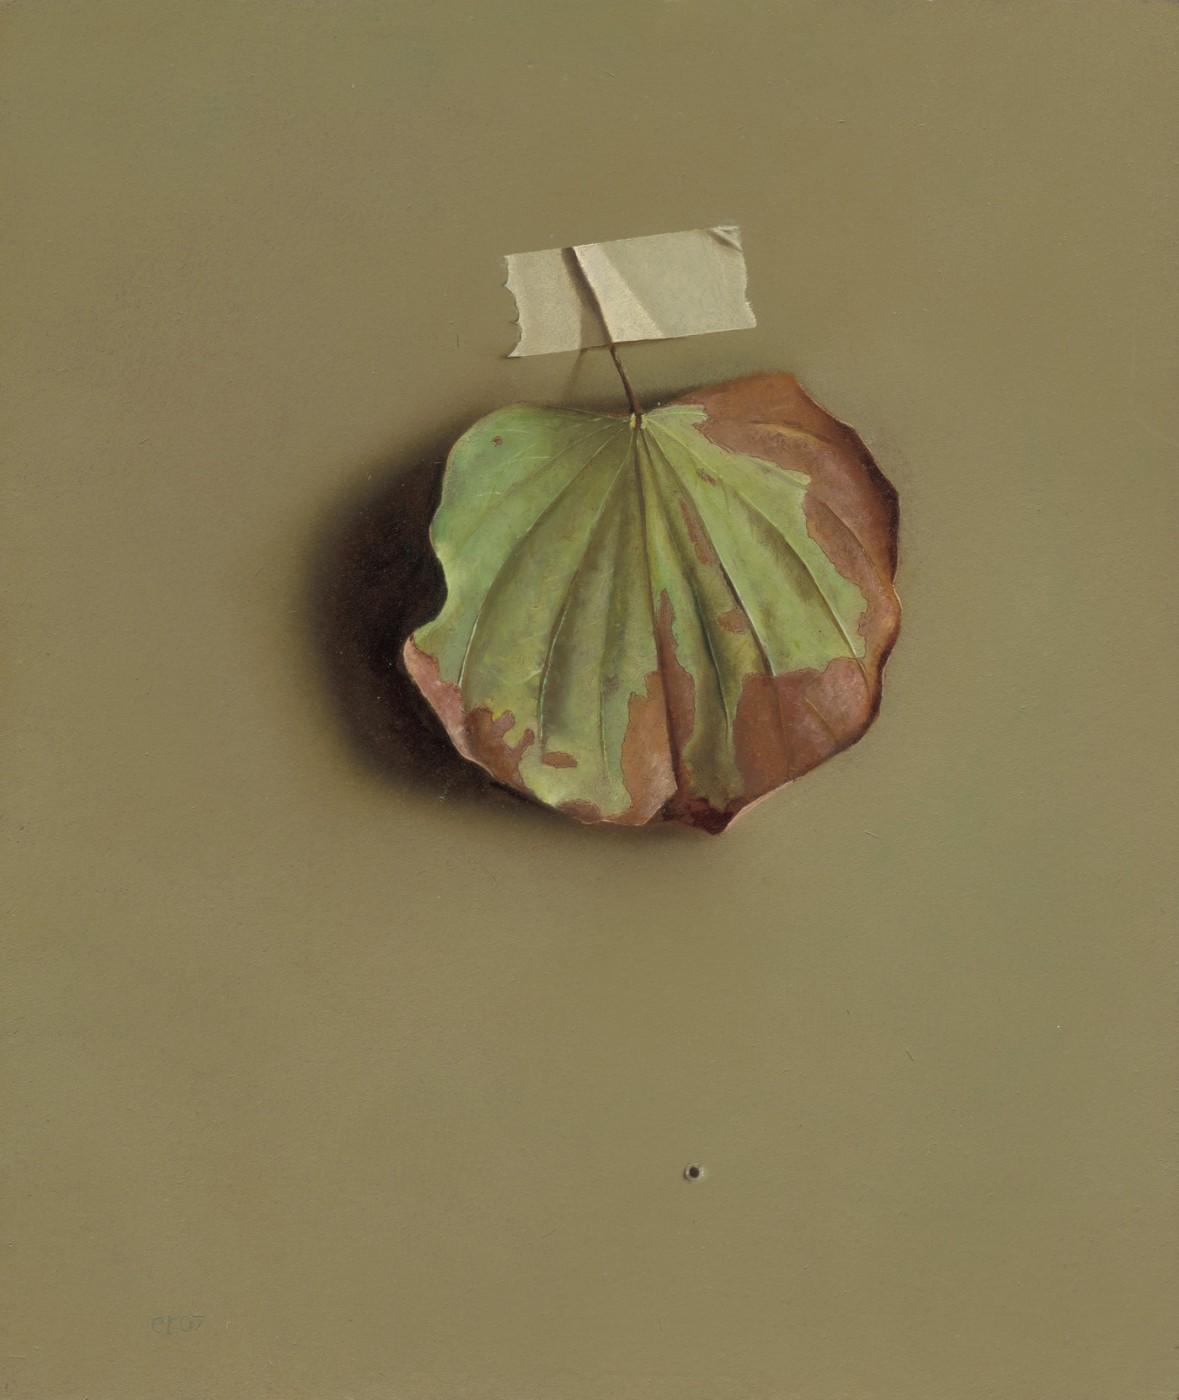 Bauhinia Leaf 1